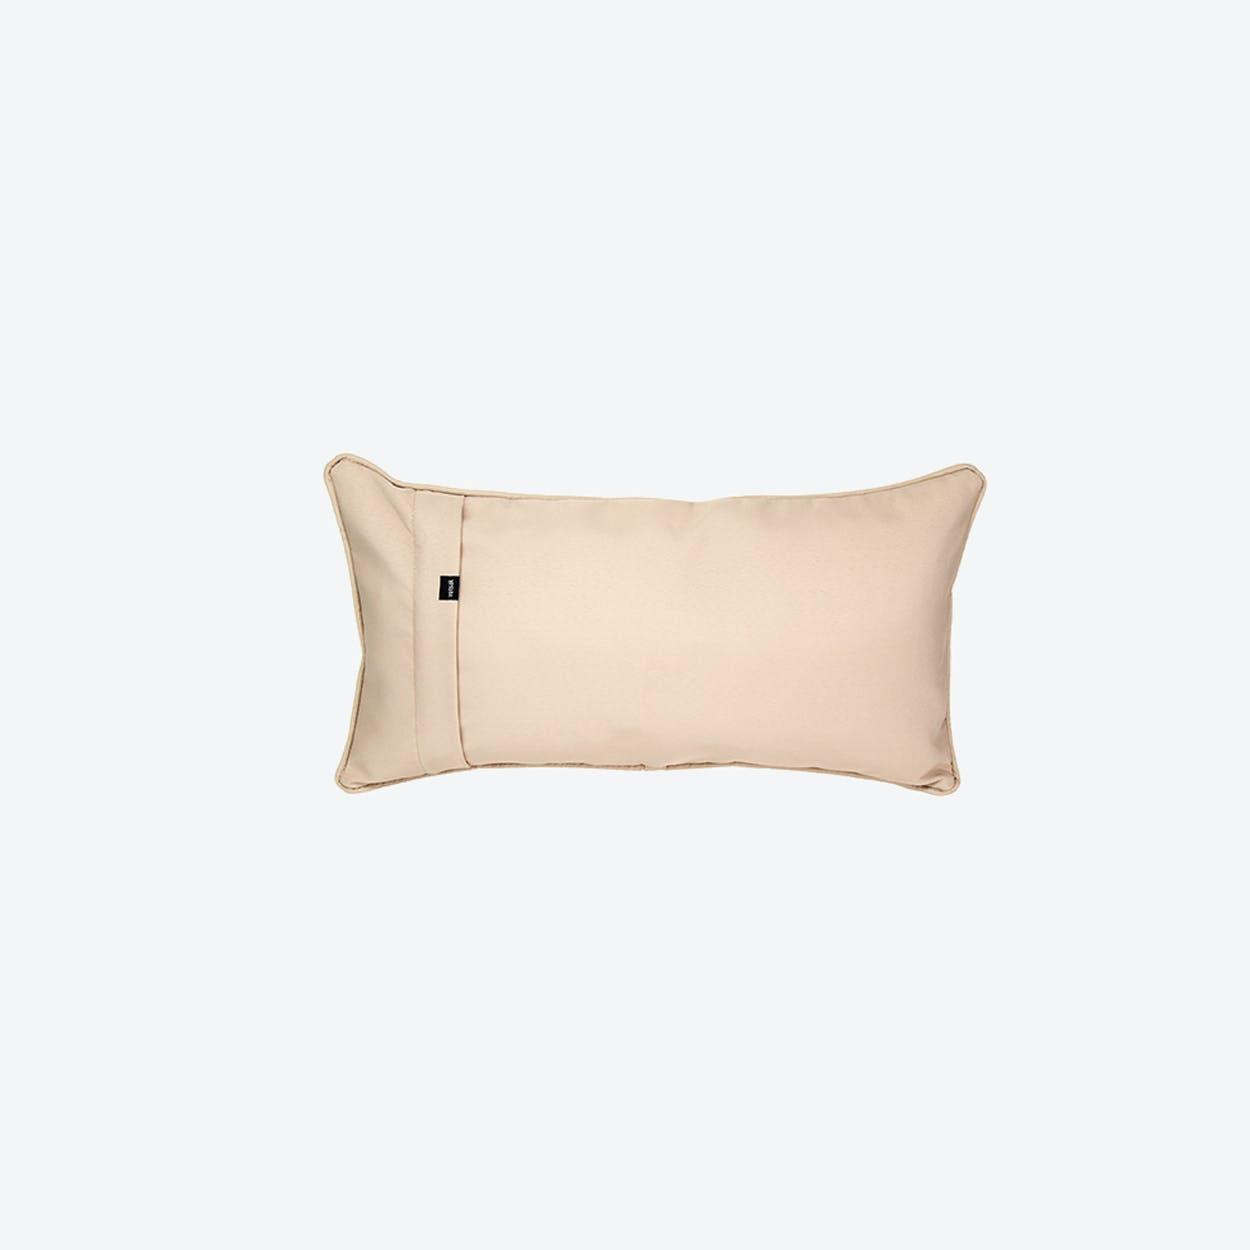 Pillow in Beige Free